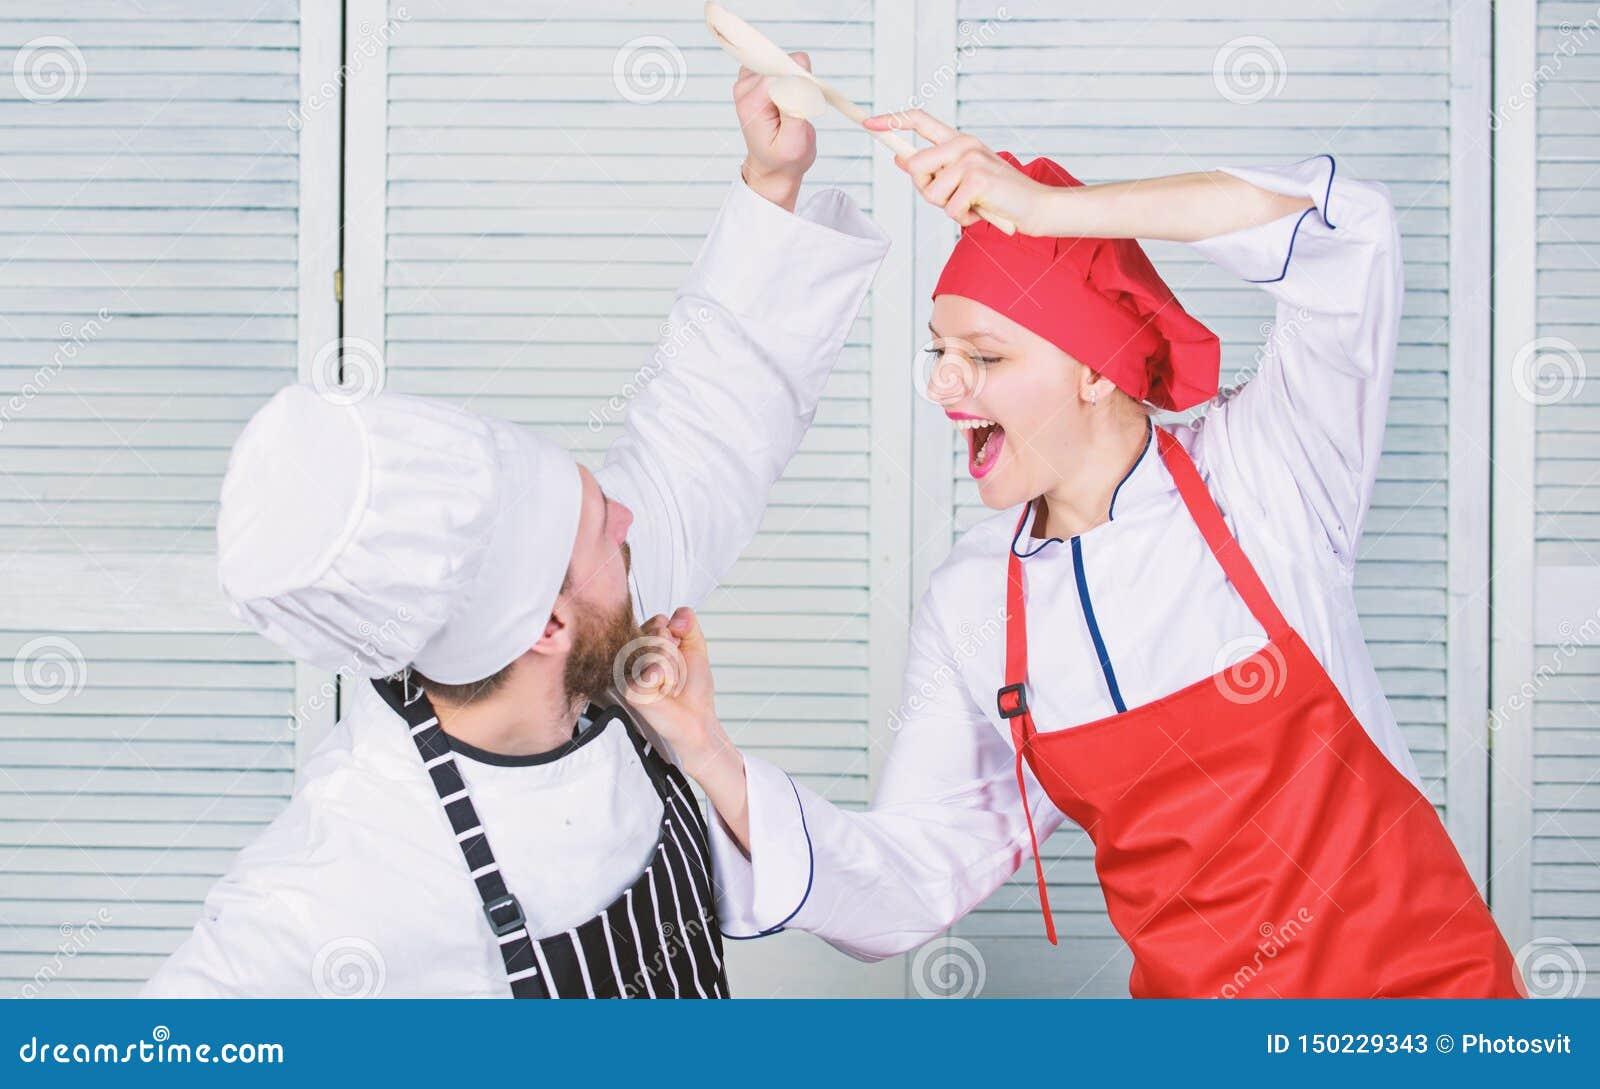 Kulinarisk strid av tv? kockar Par konkurrerar i kulinariska konster K?kregler Vem lagar mat b?ttre Kulinariskt stridbegrepp